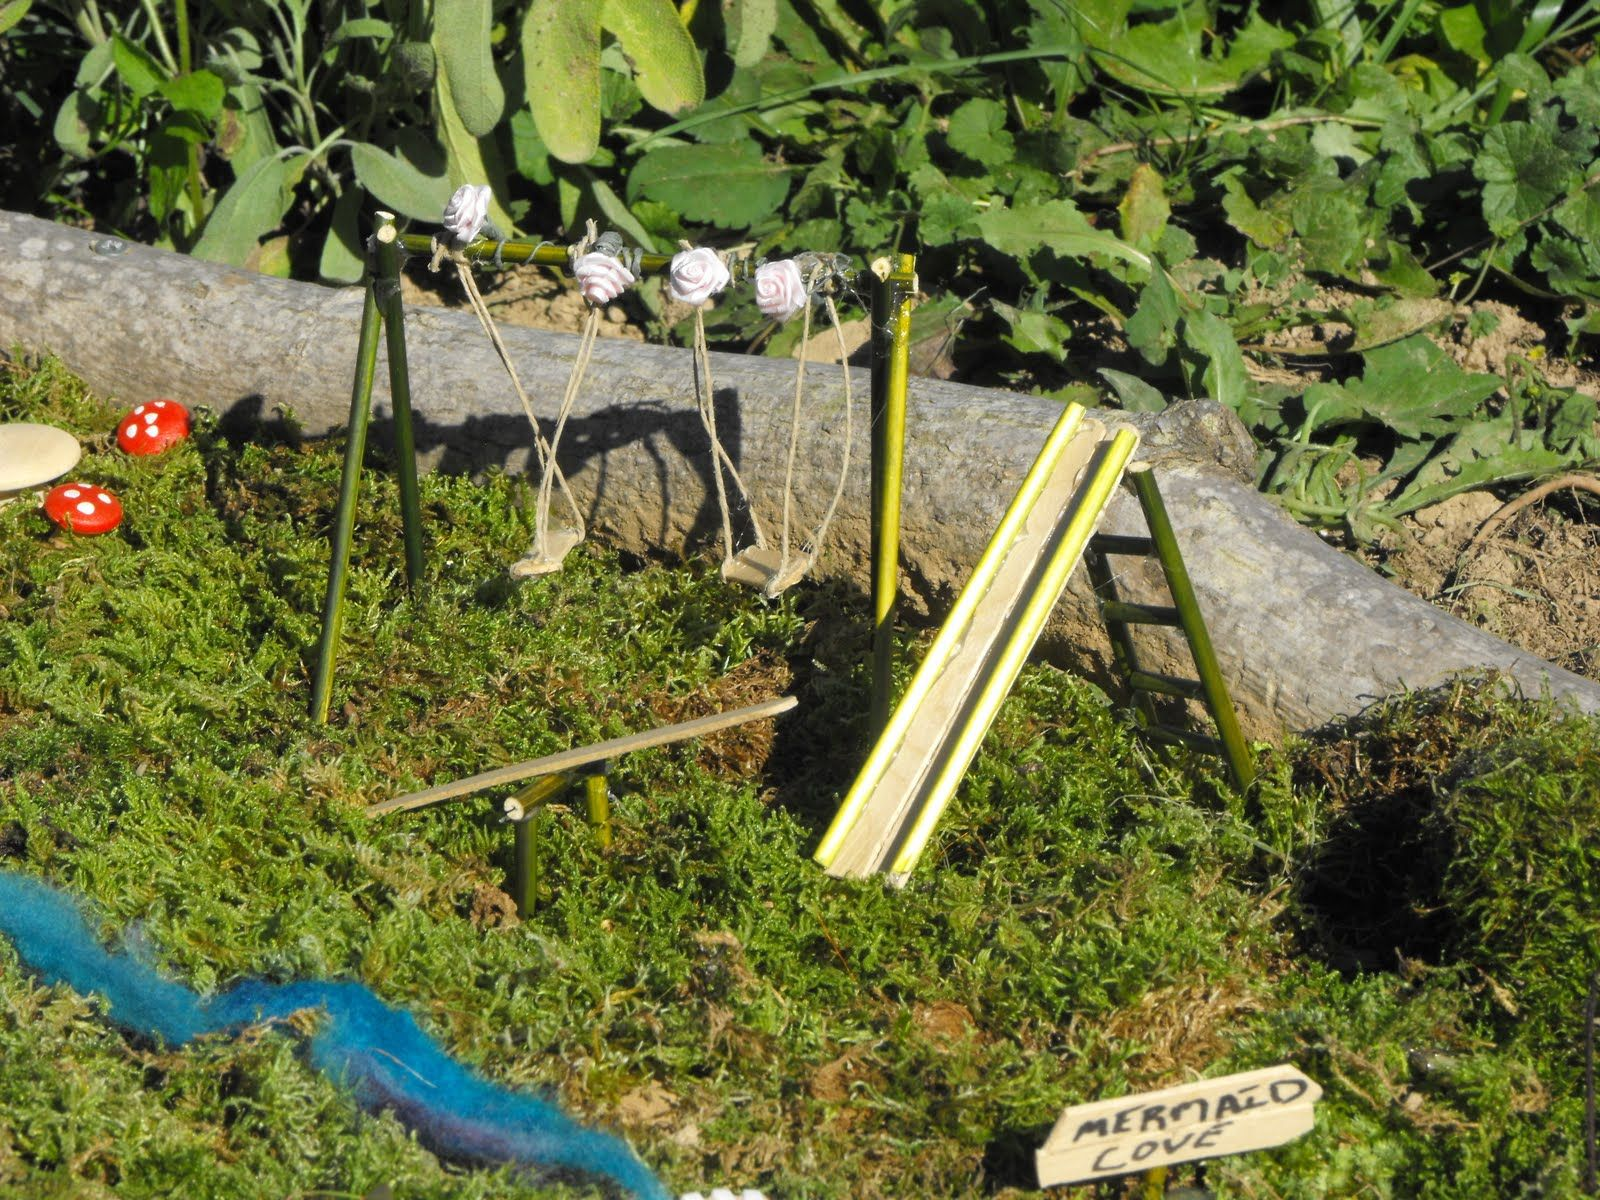 My Serenity: Our Fairy Garden. Playground DIY